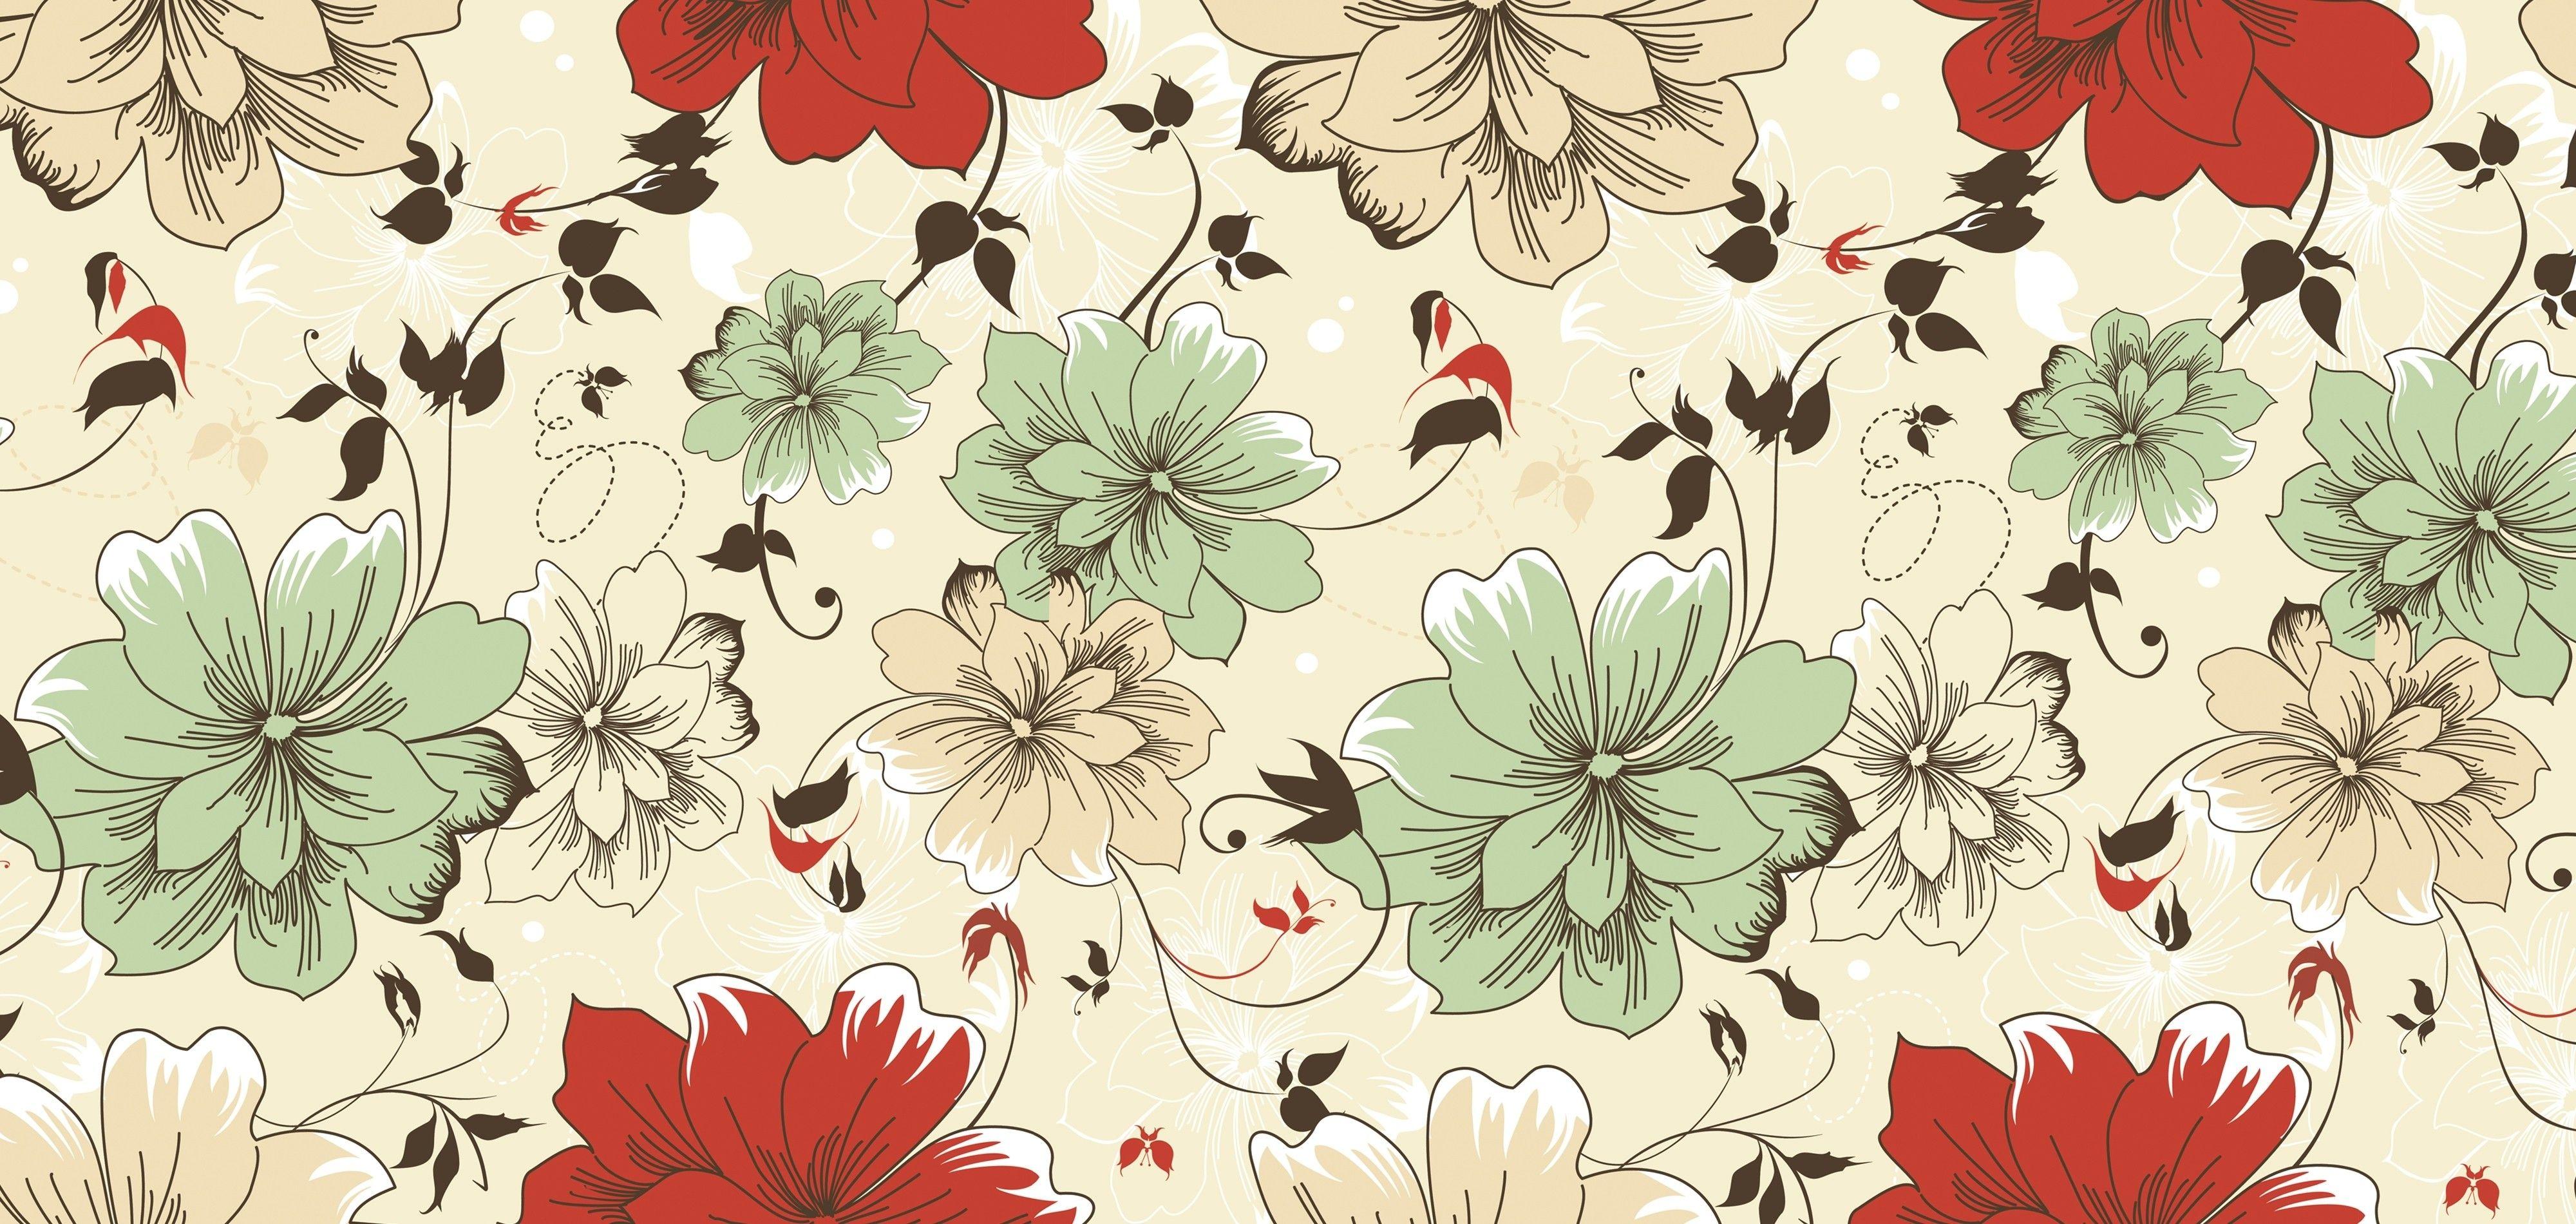 Vintage Floral Wallpaper Hd For Desktop Vintage Flowers Wallpaper Vintage Floral Wallpapers Floral Pattern Wallpaper